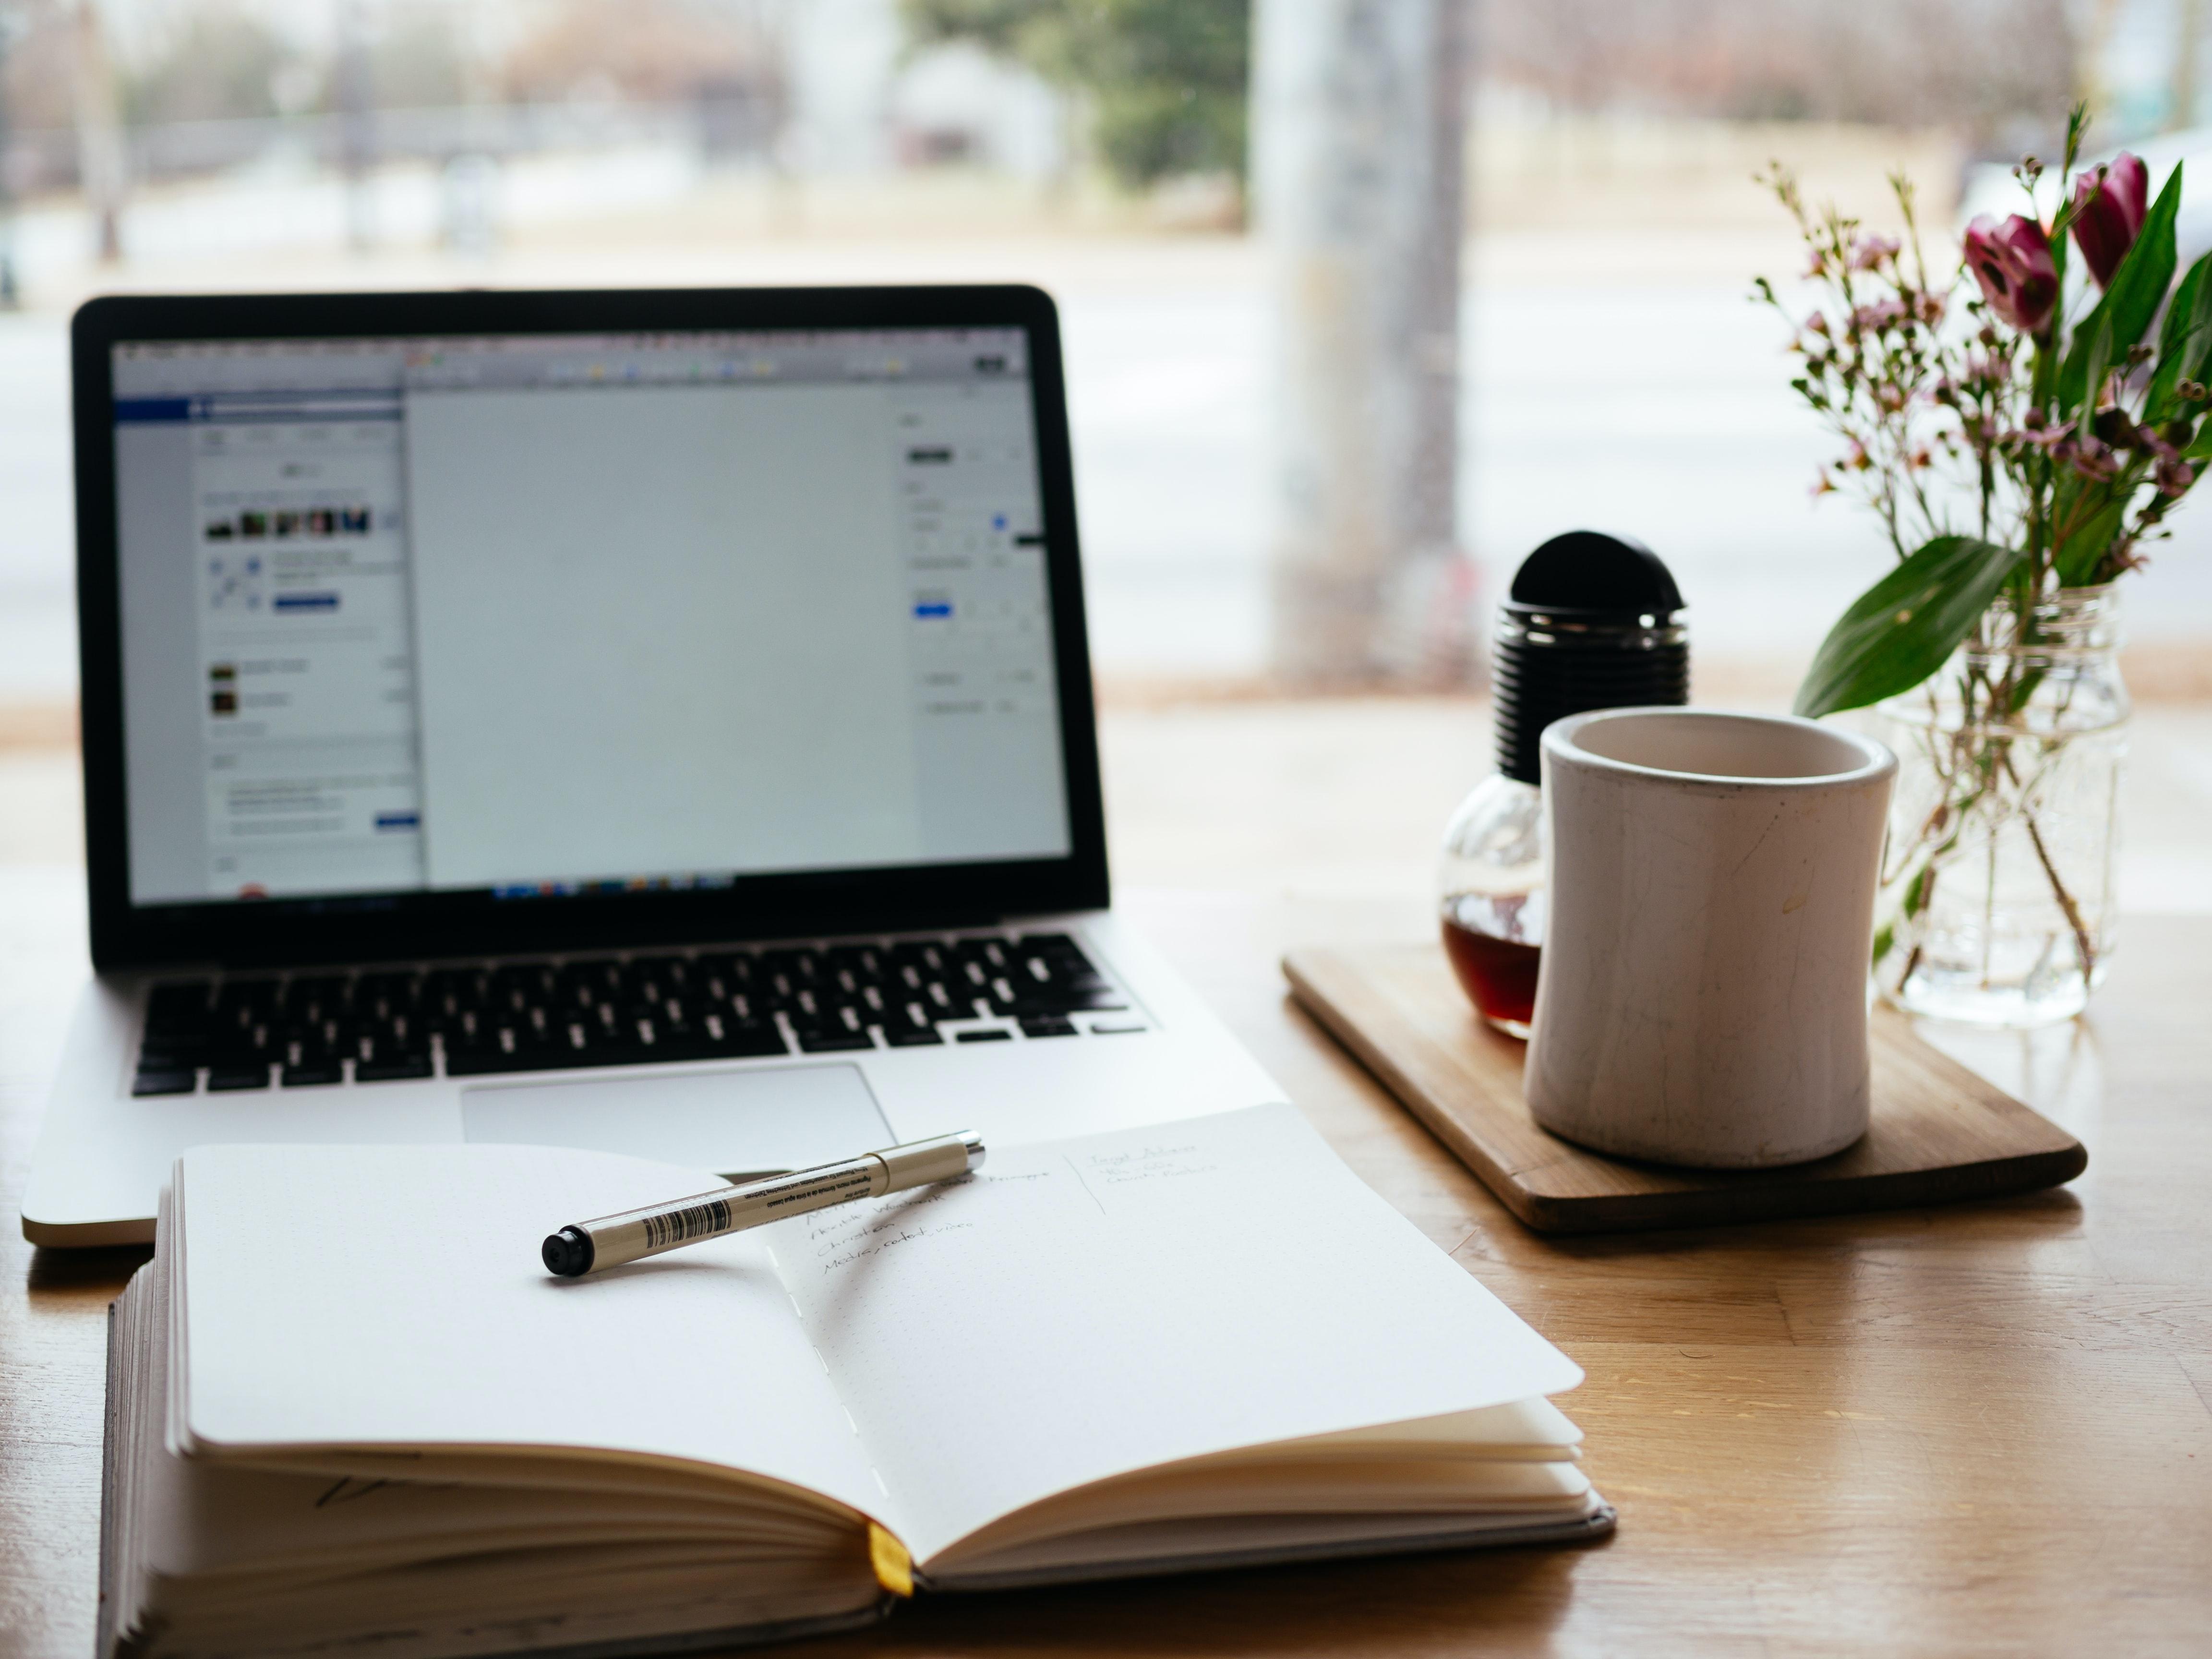 Using online technology for teachers